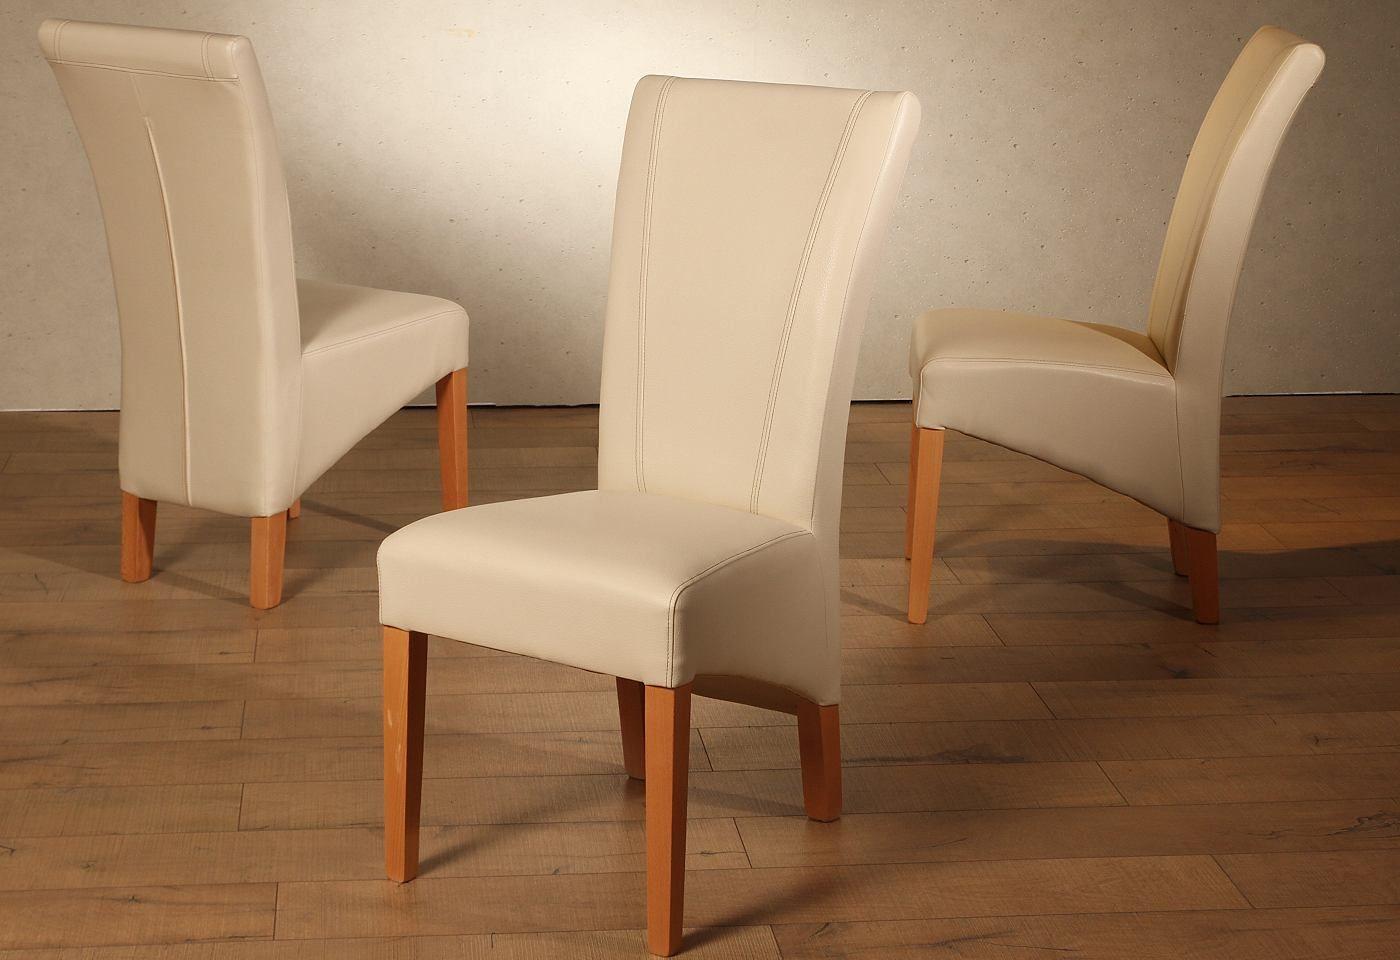 Dieser hochwertig und voluminös gepolsterte Stuhl lässt sich durch seine bestechende Optik sehr gut mit verschiedenen Einrichtungsstilen kombinieren. Die Beine sind aus FSC zertifiziertem massiven Holz und der Bezug aus pflegeleichtem Kunstleder.   Sie können aus drei Varianten wählen: Stuhlbeine Buche natur lackiert, Bezug cremefarben, 100% PES Stuhlbeine Buche natur lackiert, Bezug dunkelbrau...